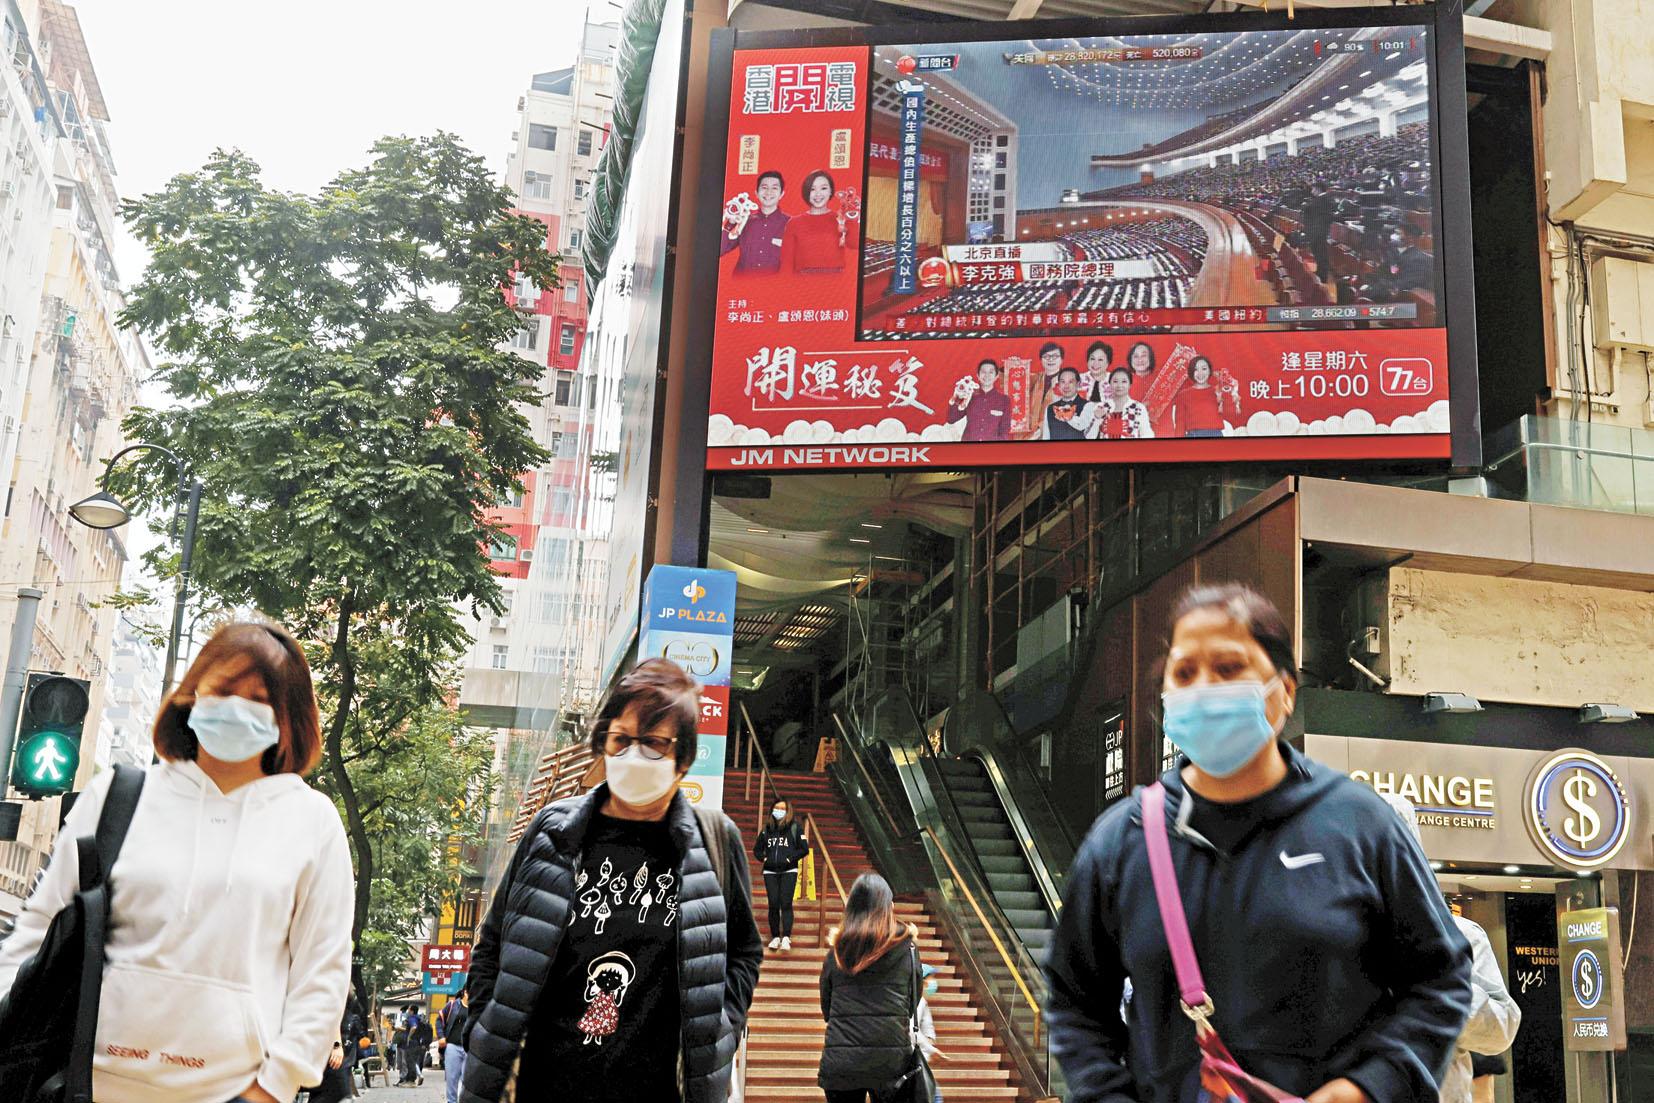 香港街頭一處大屏幕上正播放中國全國人大開幕式的新聞。路透社